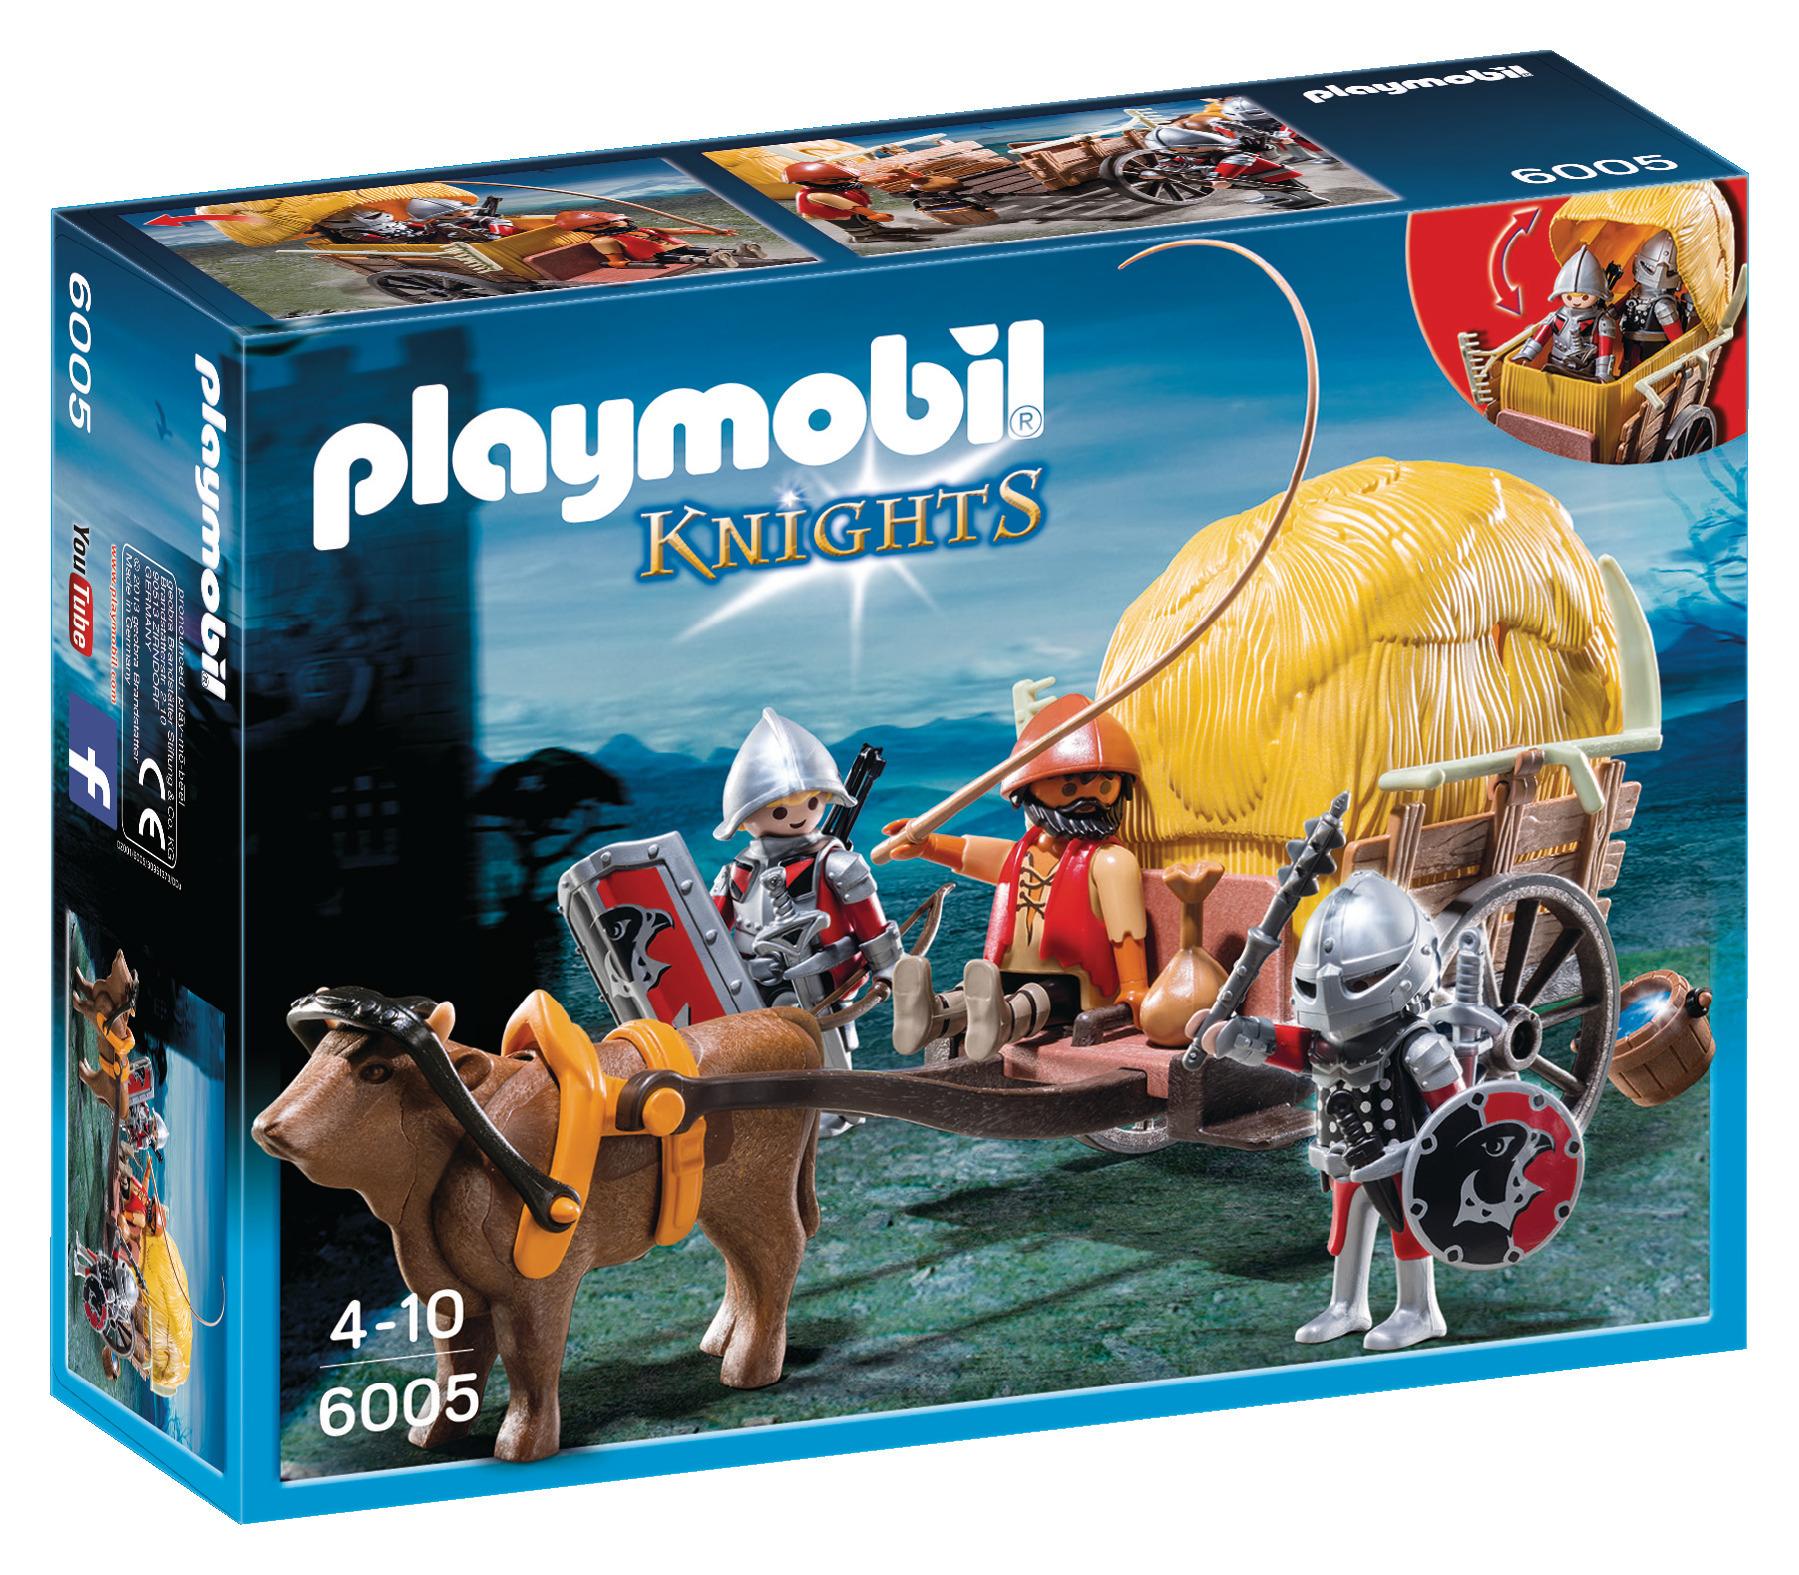 Chevaliers de l'Aigle avec charrette piégée - Playmobil Knights - 6005